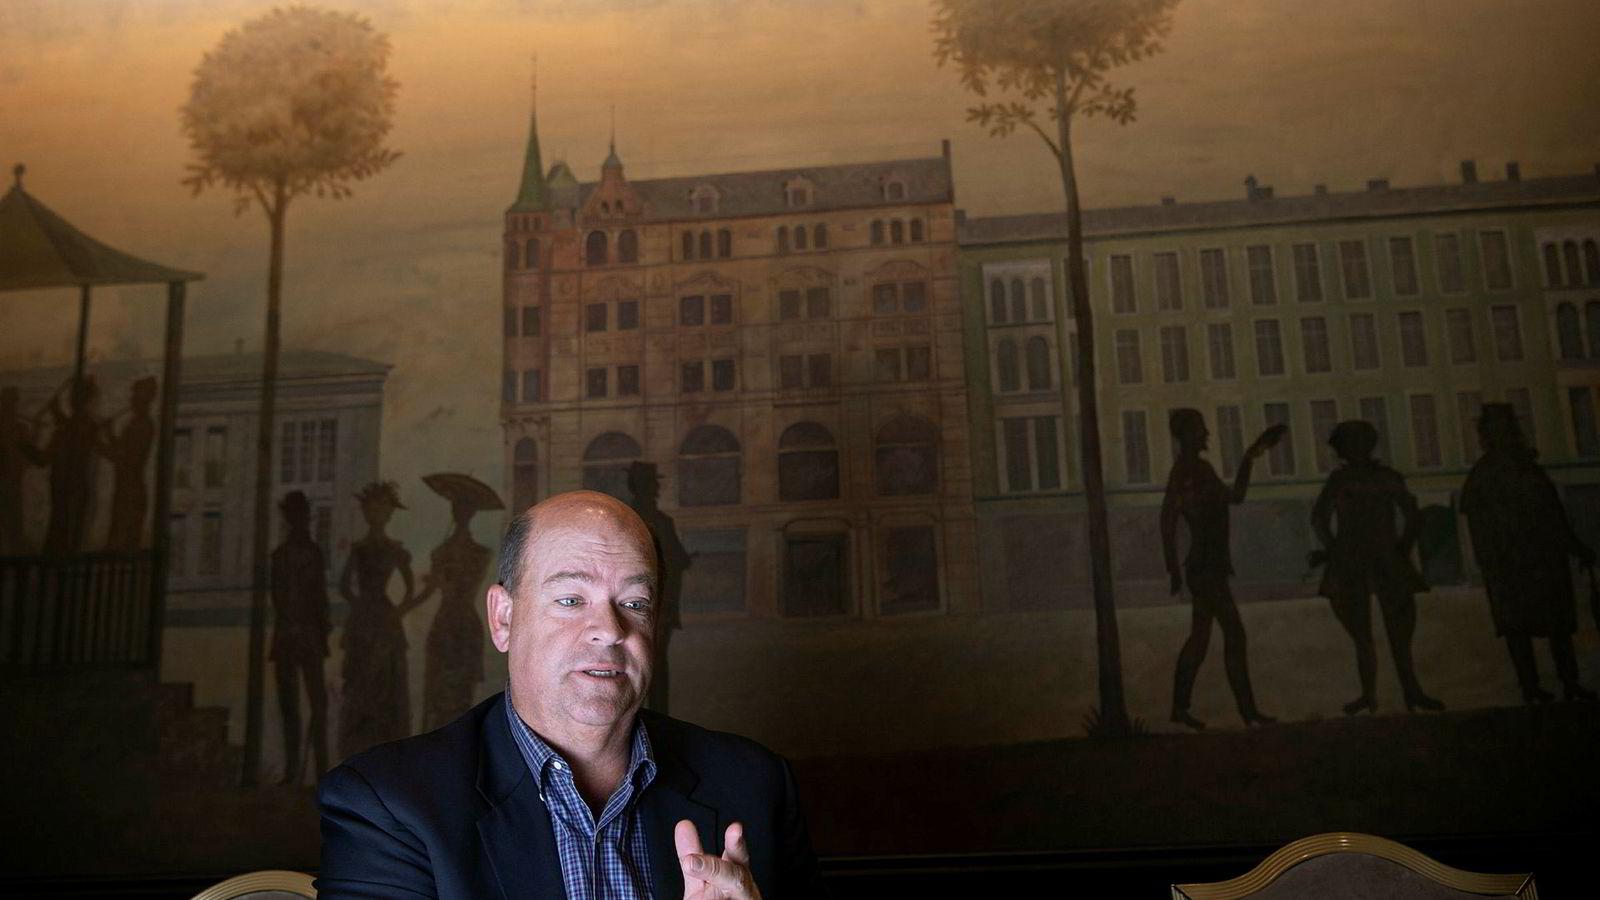 ConocoPhillips-toppsjef Ryan Lance har merket seg den norske tv-suksessen «Lykkeland», der selskapet spiller en sentral rolle. Her sitter han foran veggmaleriene av Karl Johans gate inne på Grand Hotel i Oslo.